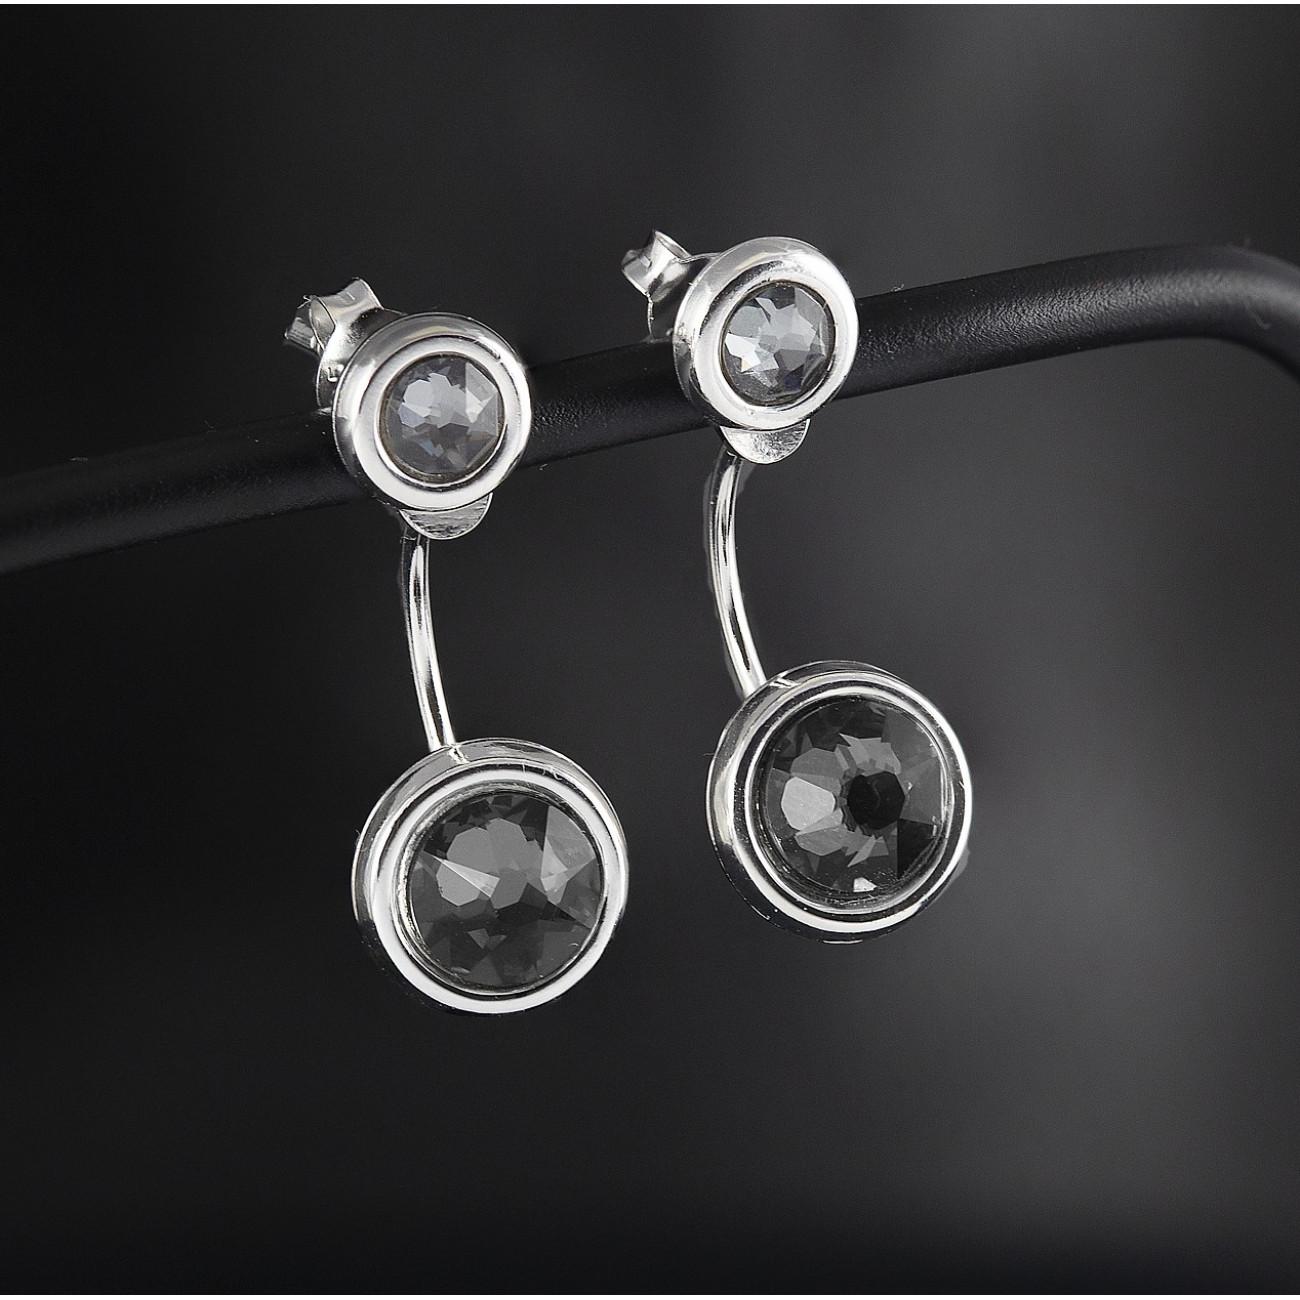 Luxusní náušnice Savour s pravým krystalem Swarovski silver night